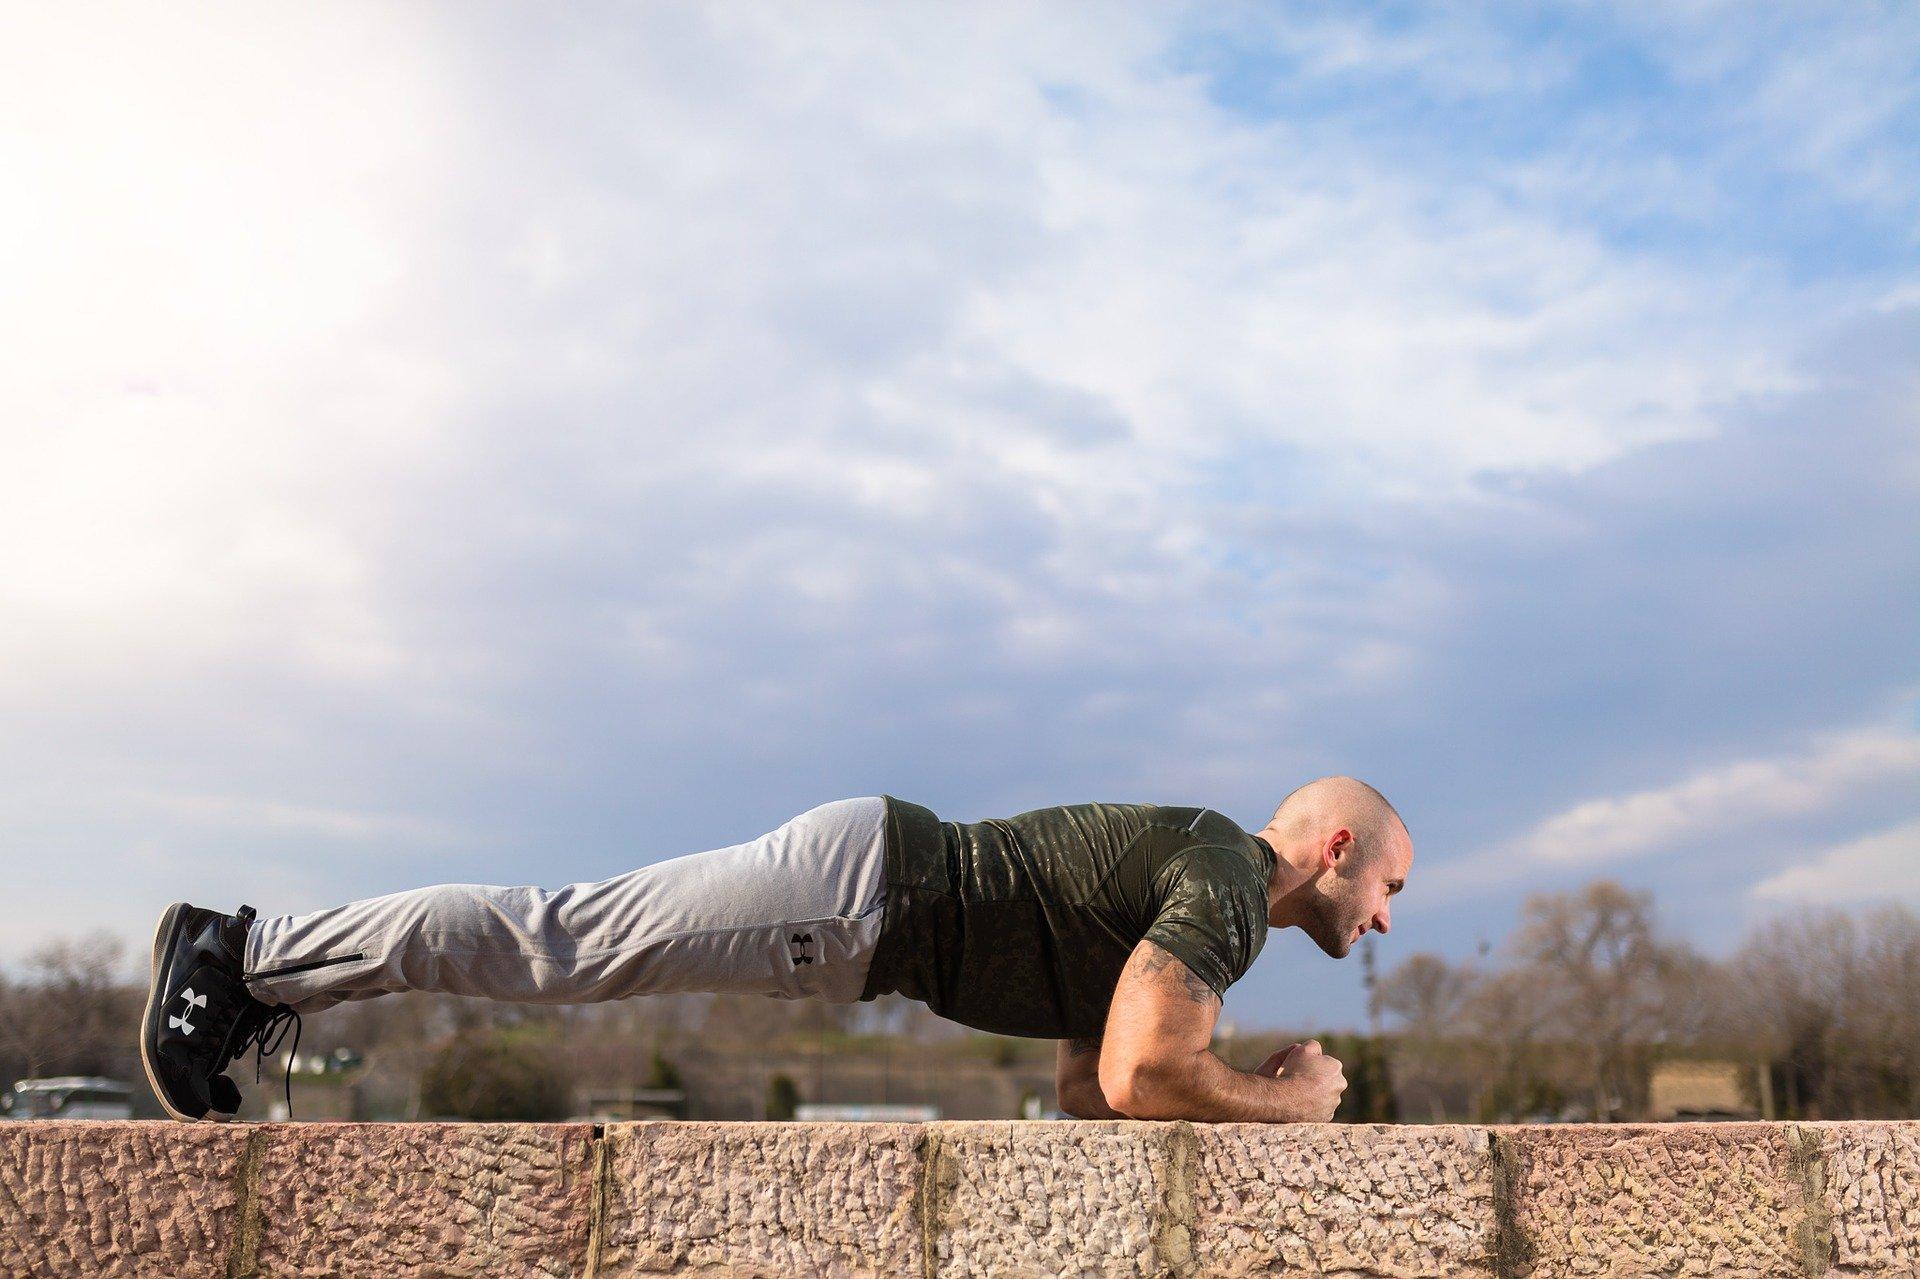 Τρόποι βελτίωσης της σωματικής και ψυχικής μας υγείας στην εποχή του Κορωνοϊού